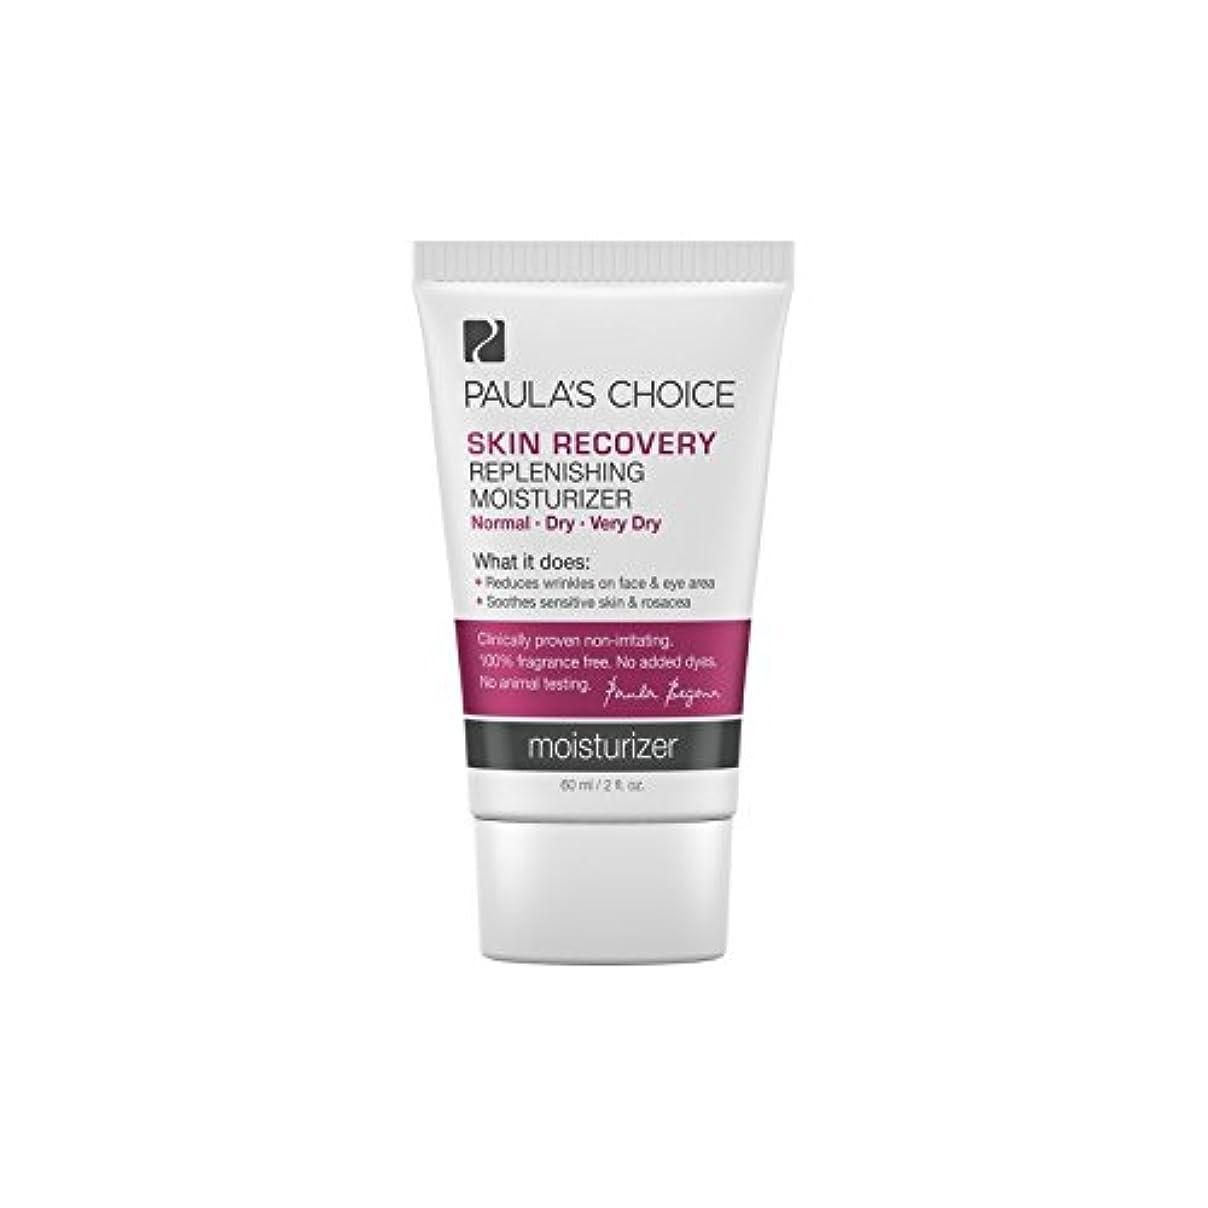 パンサー変動するのためPaula's Choice Skin Recovery Replenishing Moisturizer (60ml) - ポーラチョイスの肌の回復補充保湿(60ミリリットル) [並行輸入品]